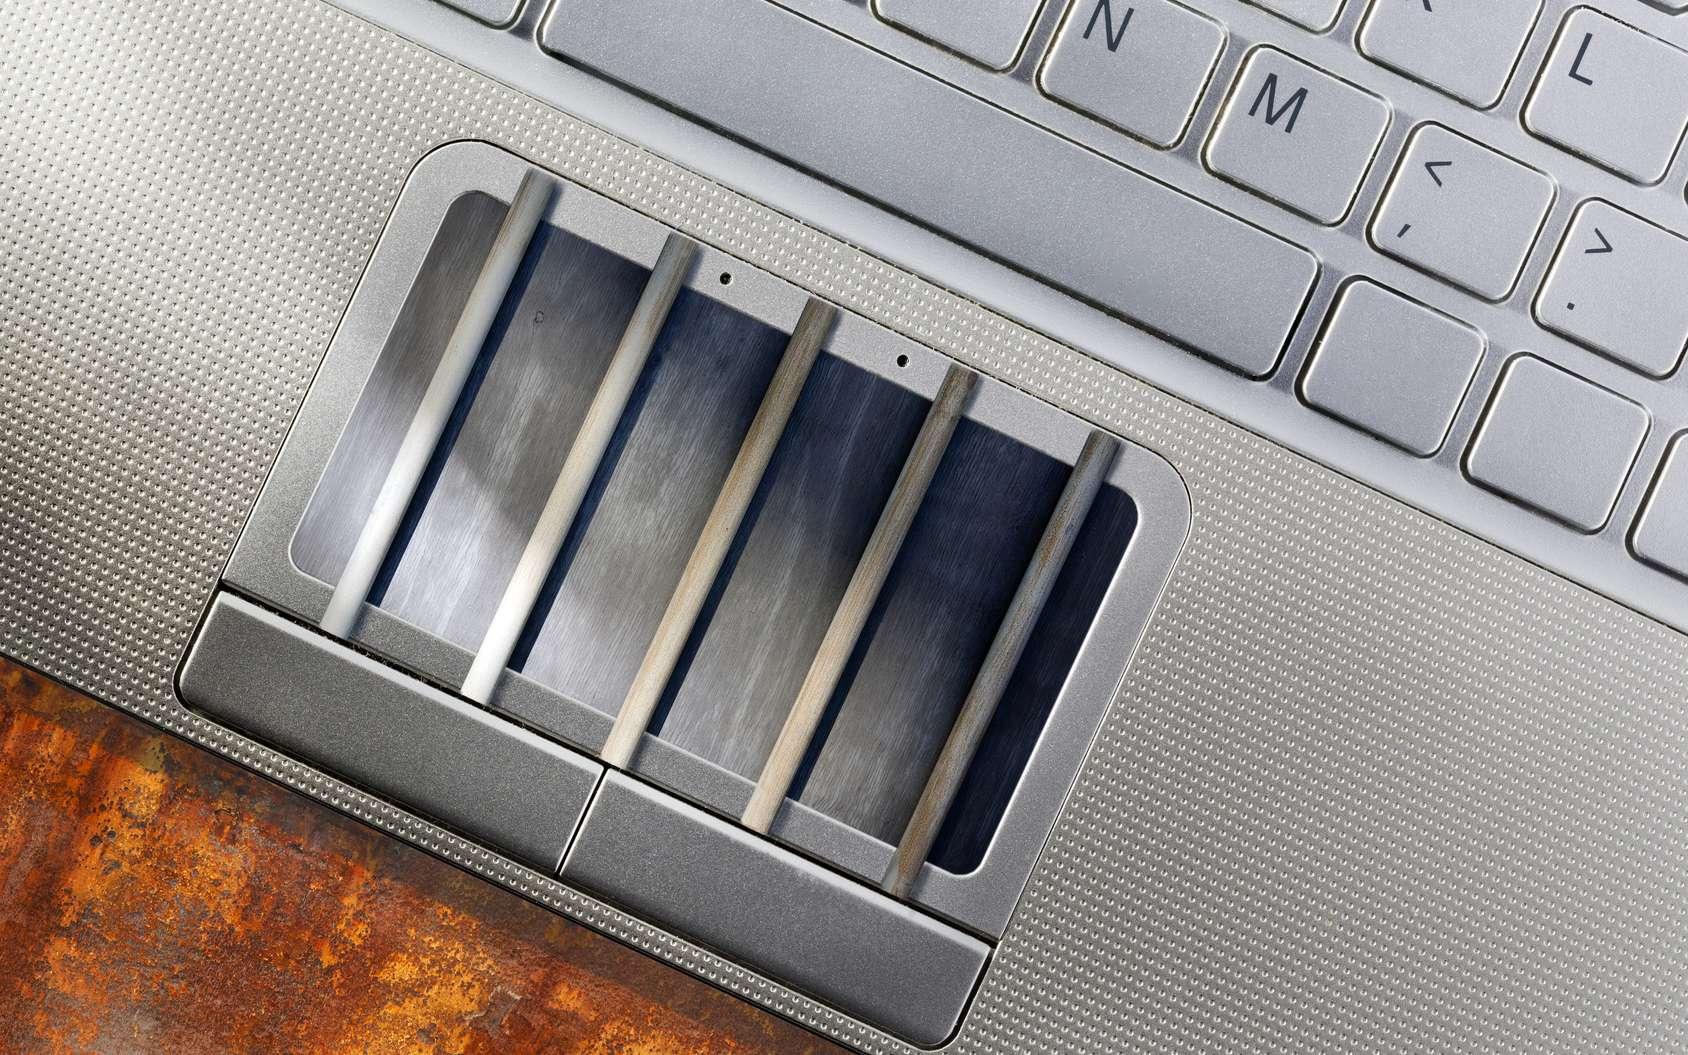 Morpheus, l'ordinateur impossible à pirater, est-il vraiment infaillible ? L'implantation de systèmes de sécurité au niveau matériel serait une solution pour protéger les ordinateurs. © Peter de Kievith, Fotolia